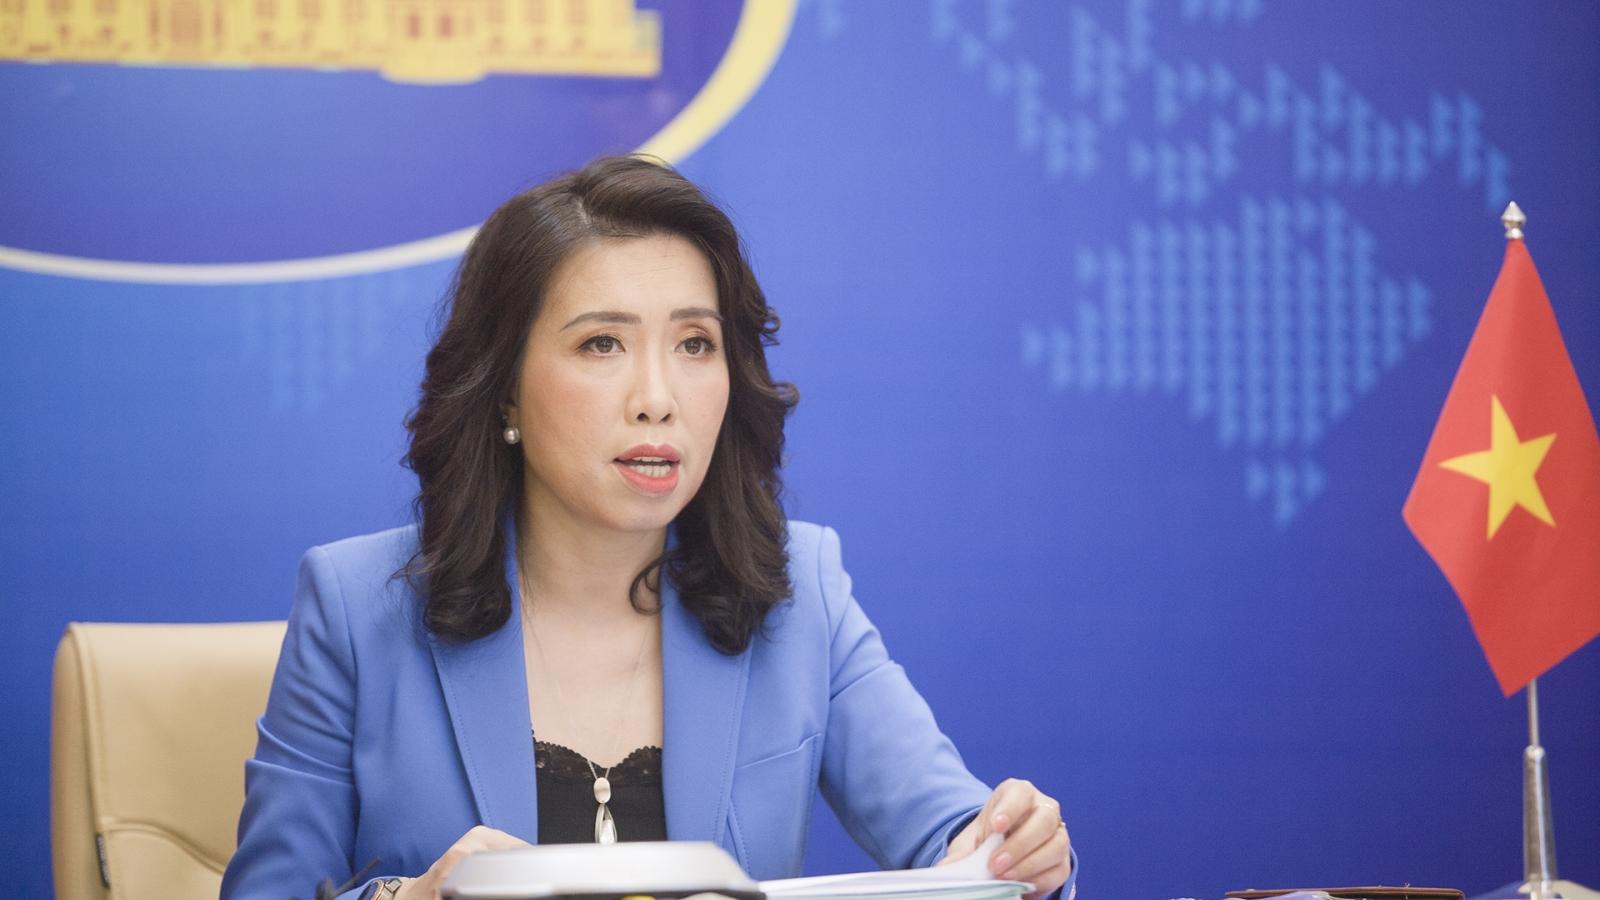 Việt Nam kiên quyết phản đối mọi hành động xâm phạm chủ quyền tại Trường Sa